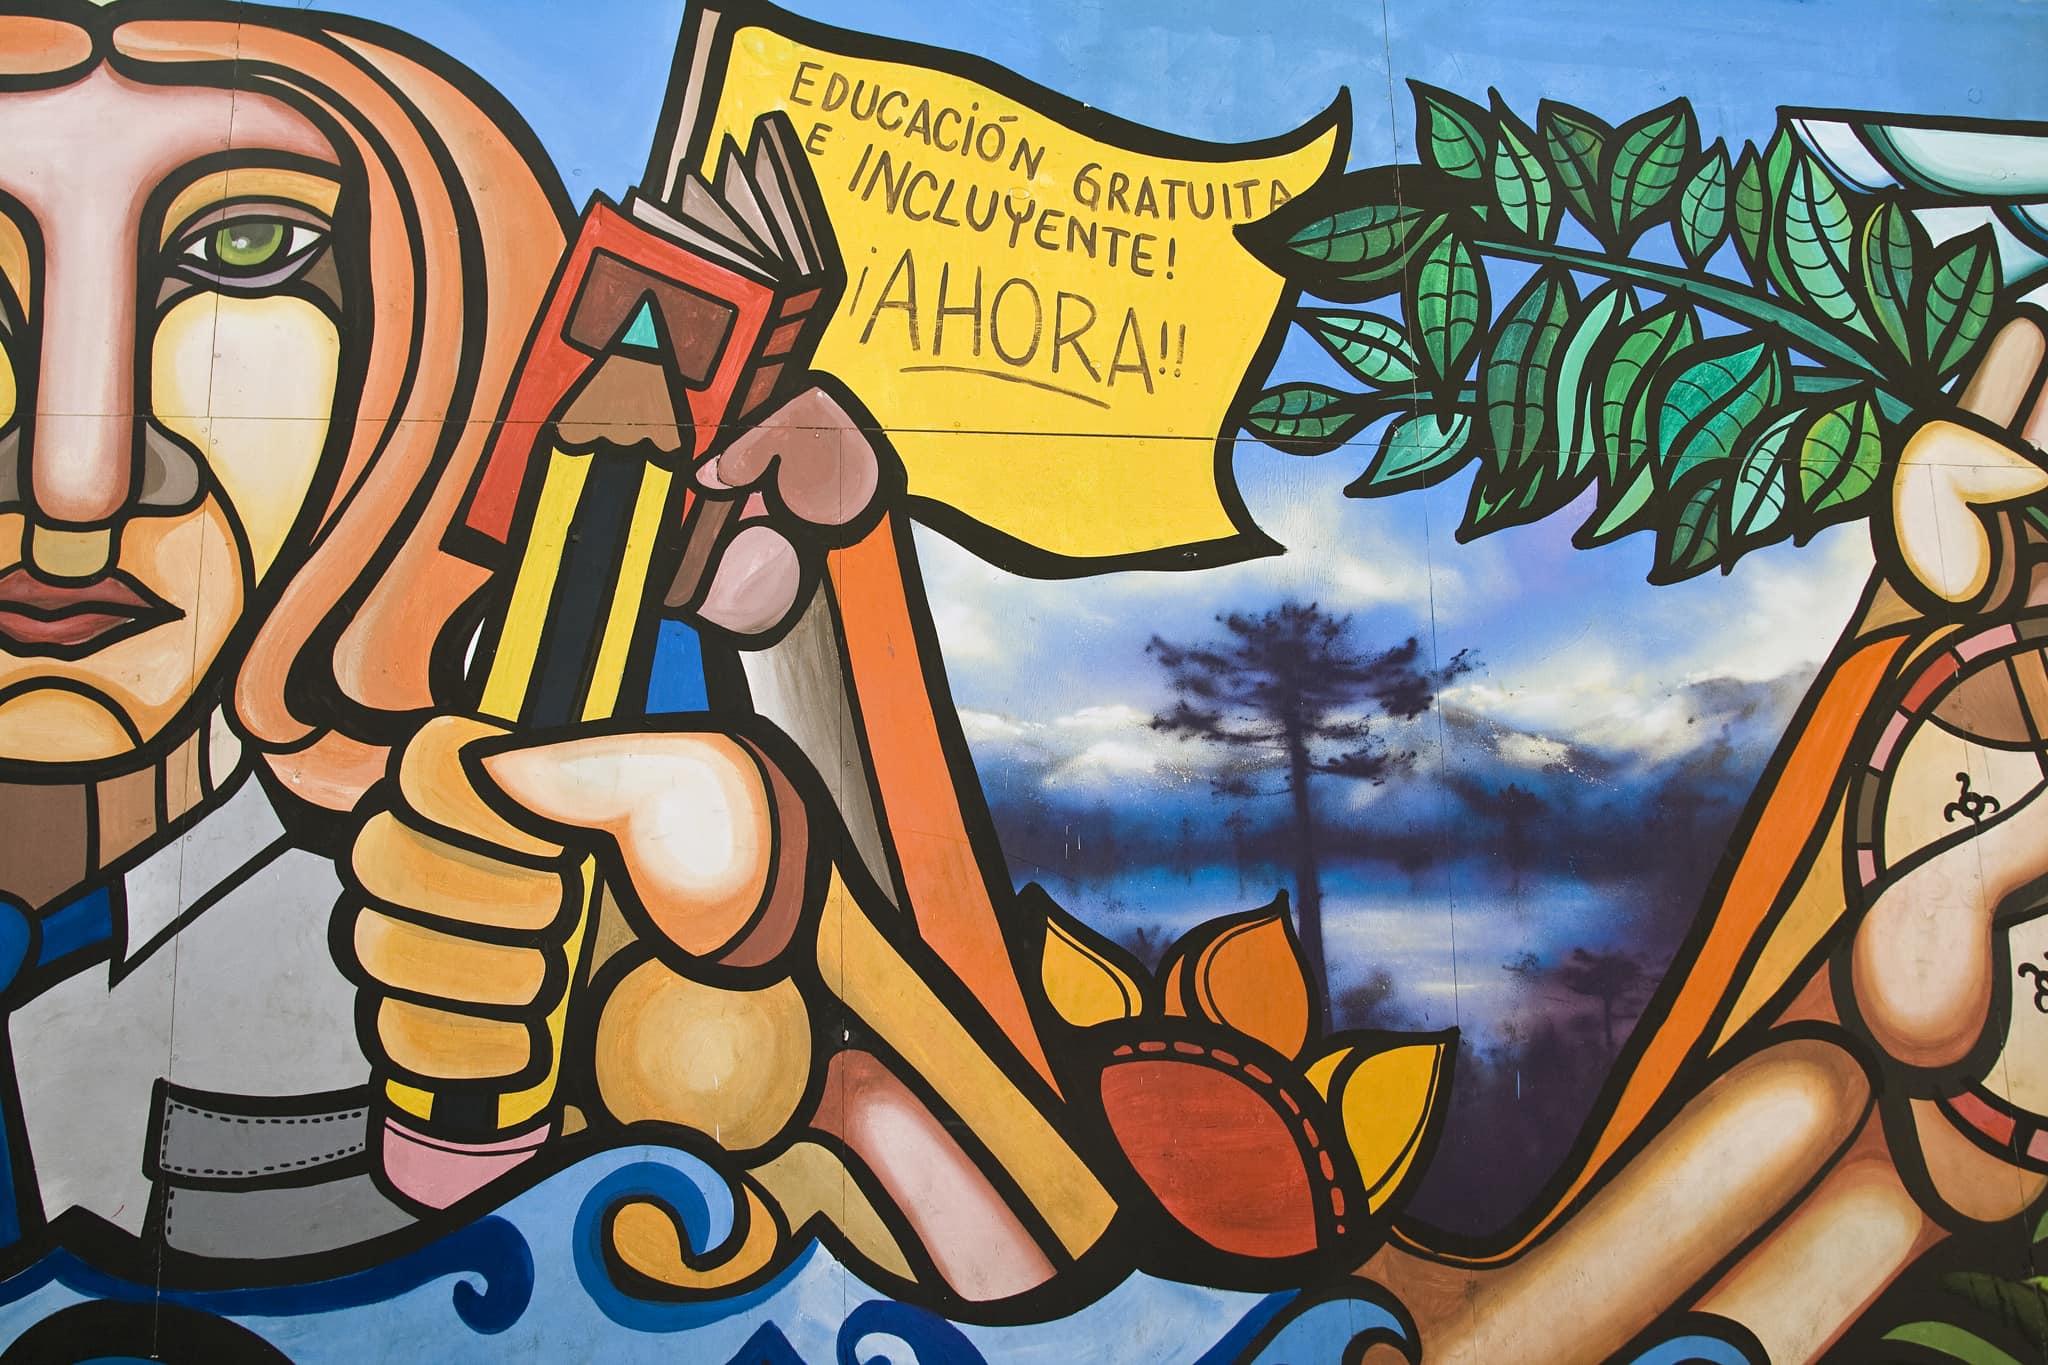 Mural en una calle de Santiago de Chile. Foto: Dimitry B.